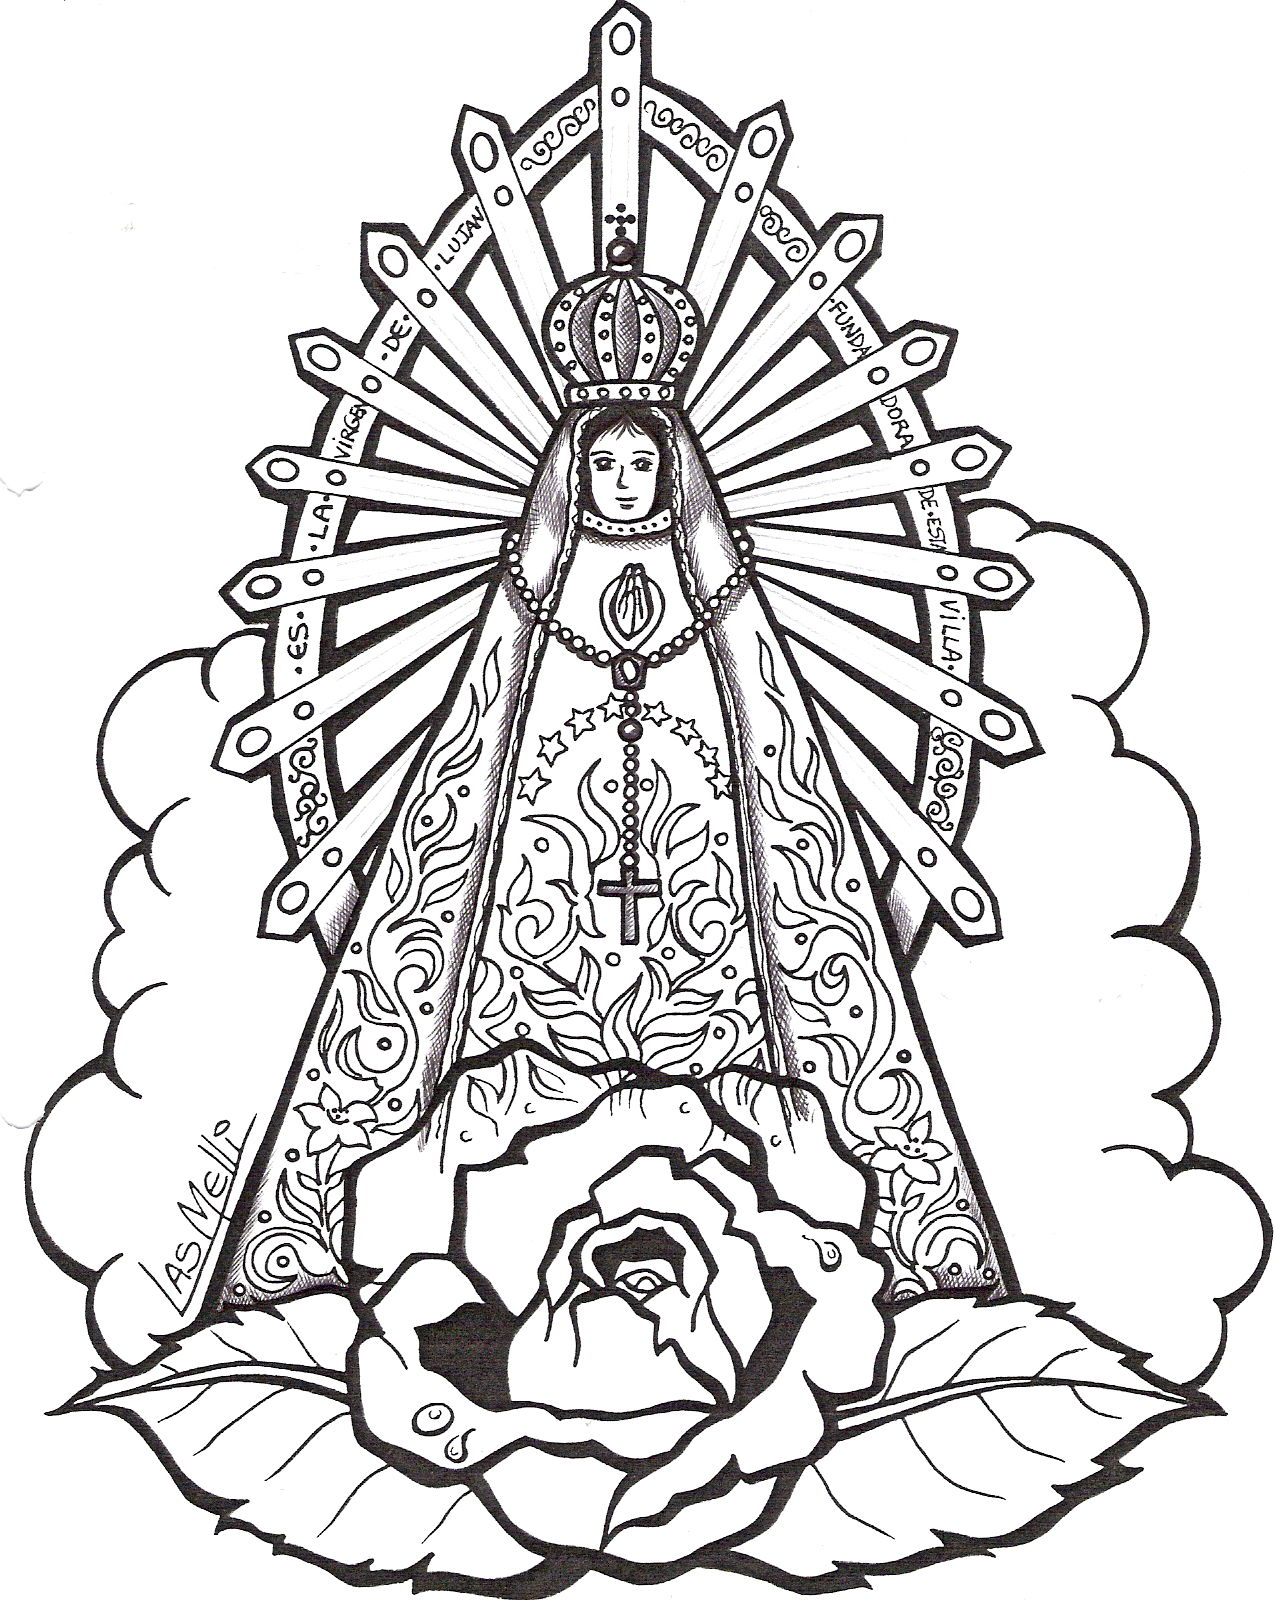 Imagen para Imprimir de la Virgen de Lujan con historia